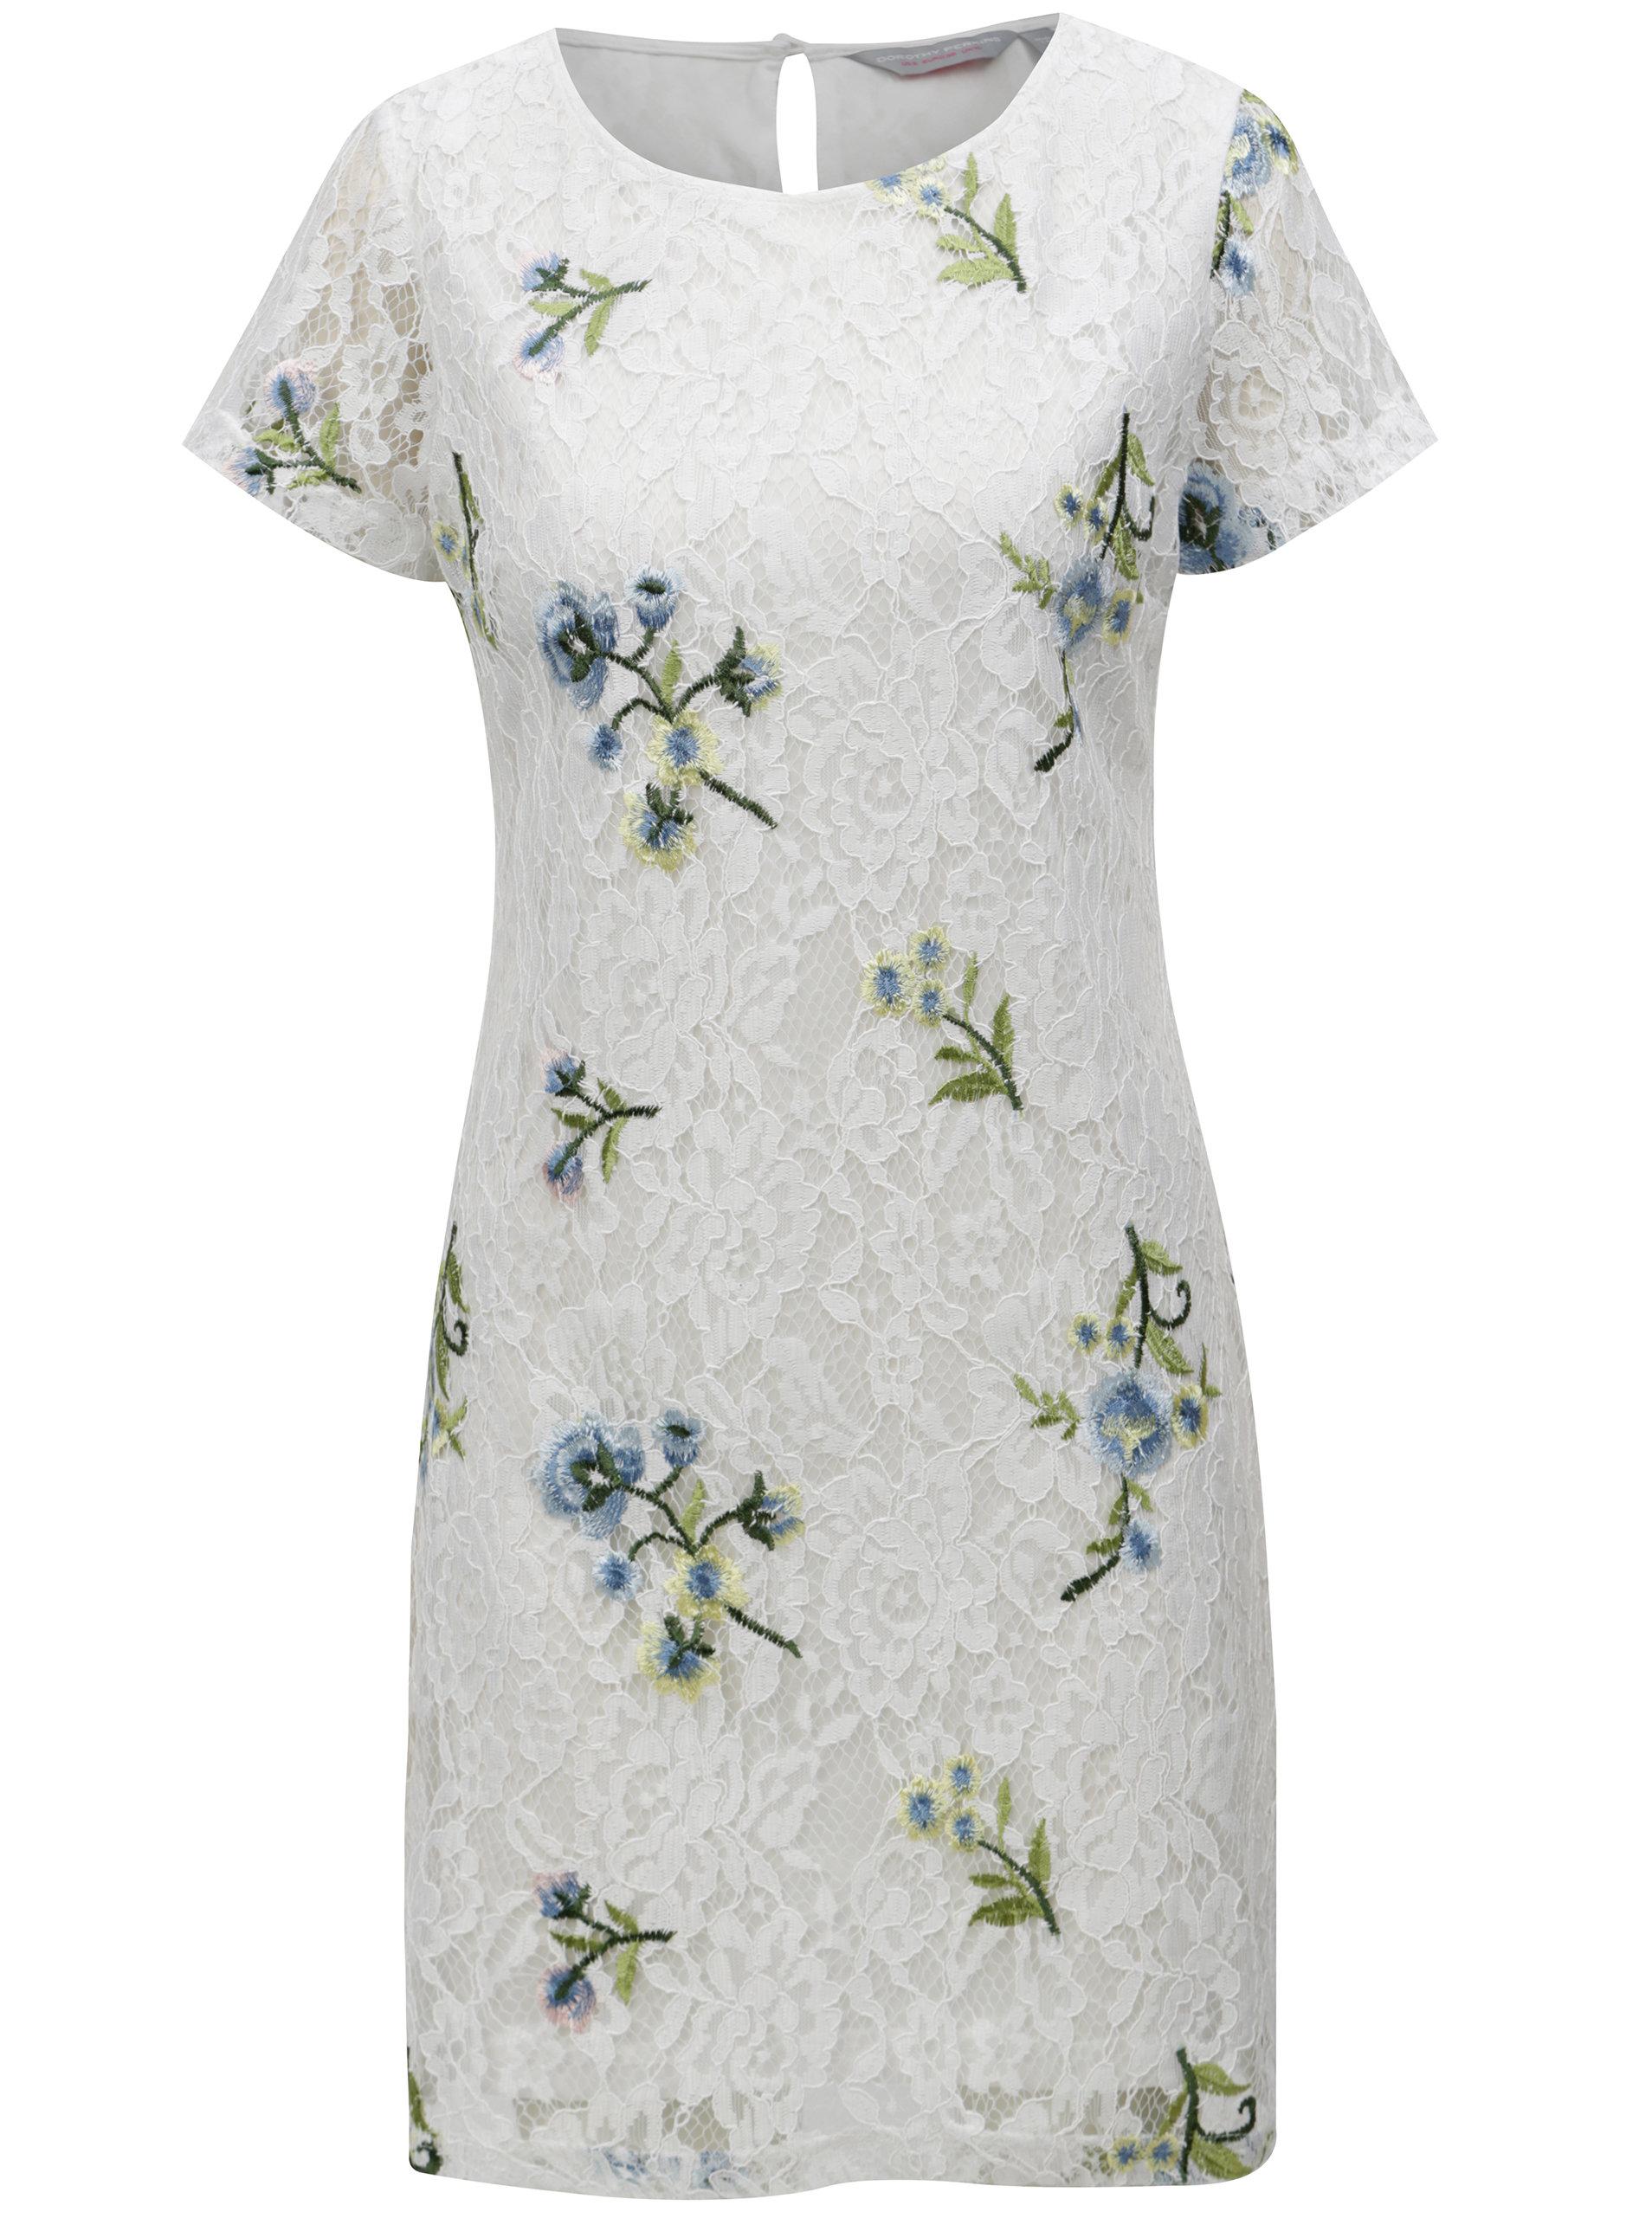 Biele kvetované čipkované šaty Dorothy Perkins Petite ... 3f3da70a158